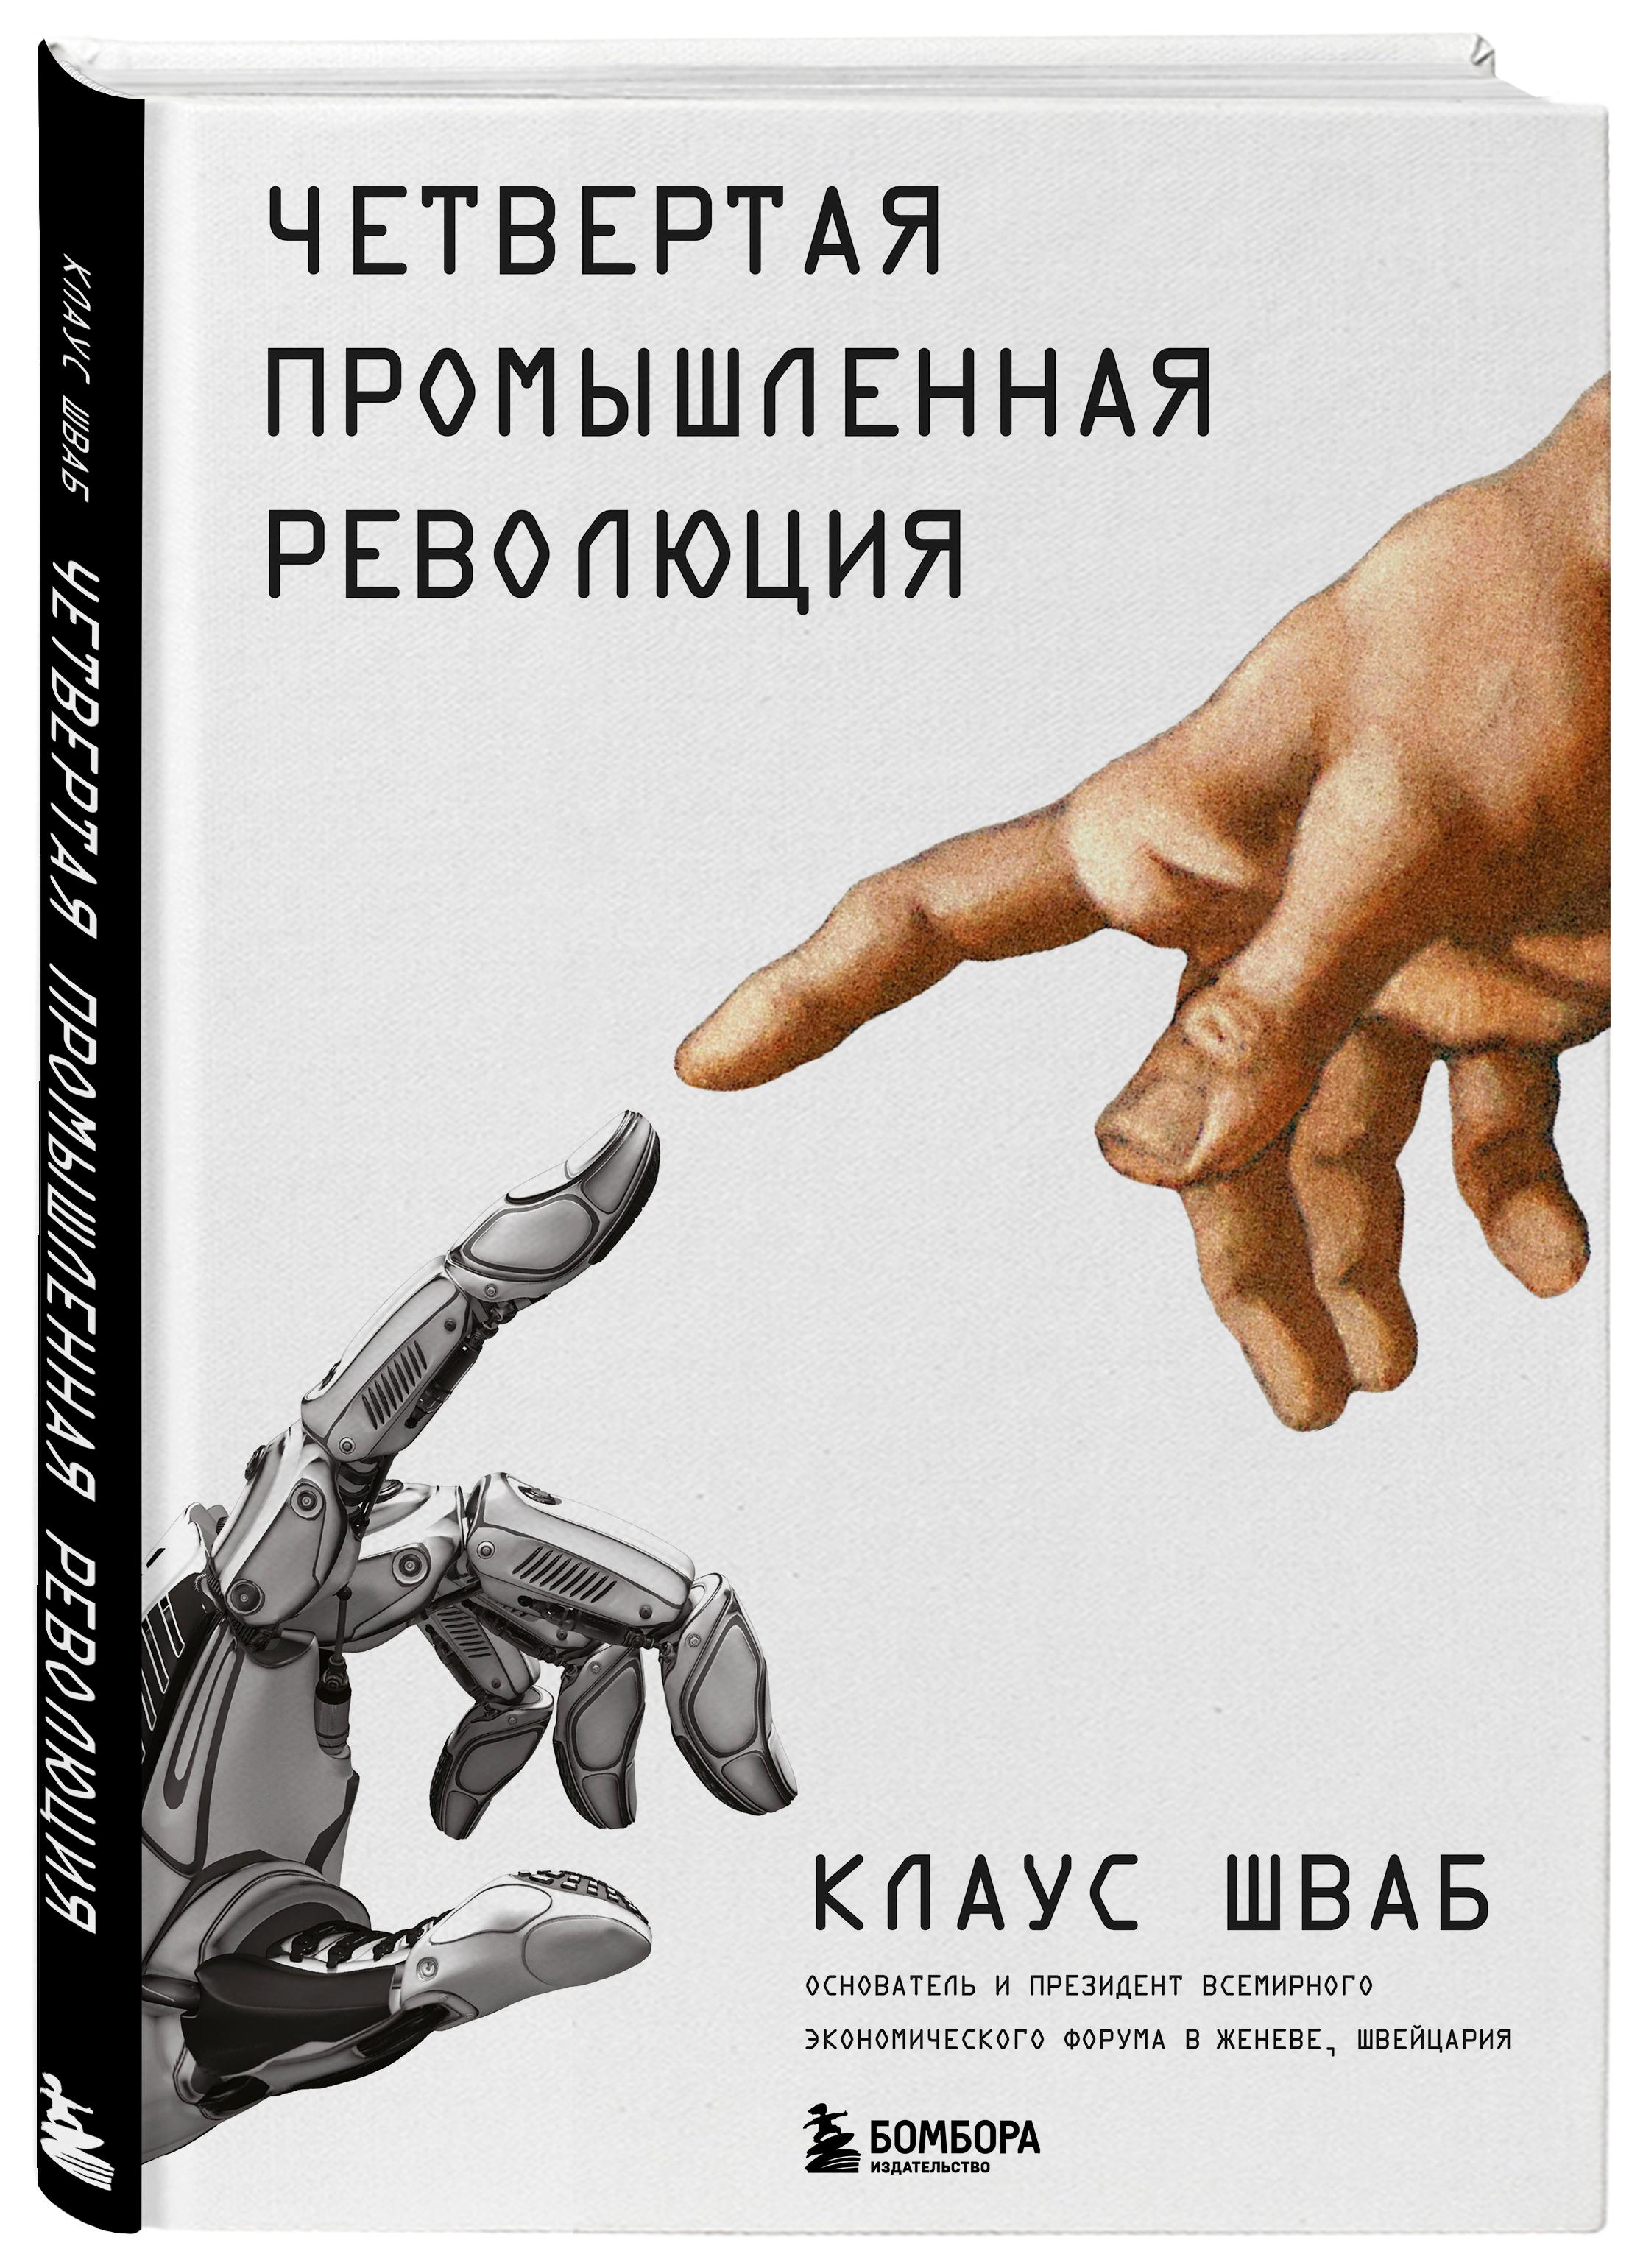 Фото - Клаус Шваб Четвертая промышленная революция клаус шваб технологии четвертой промышленной революции